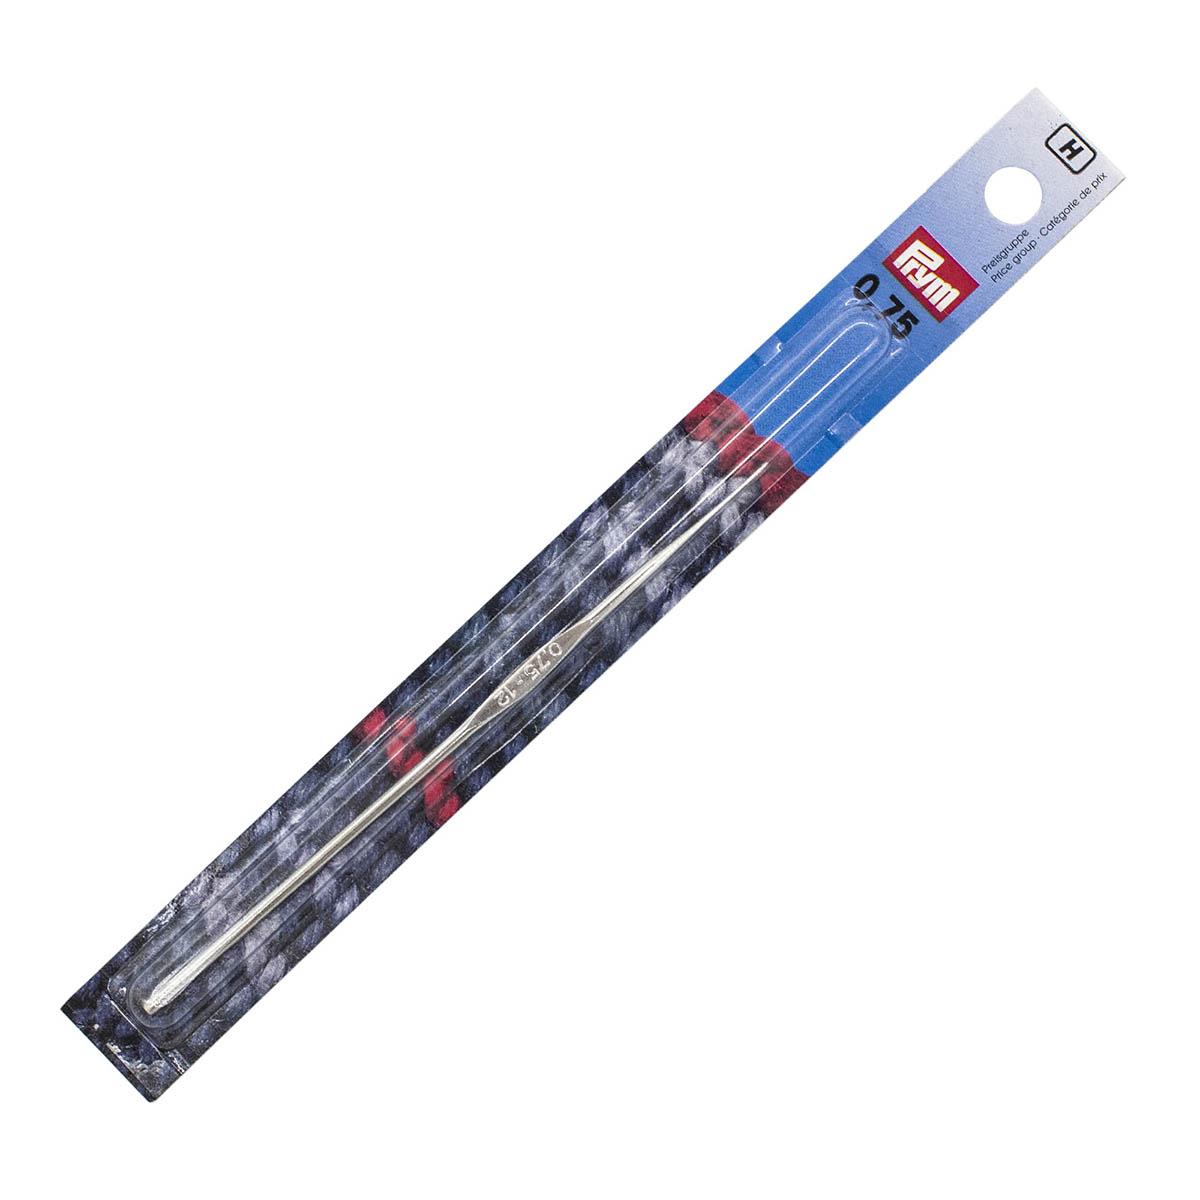 175849 Крючок IMRA для тонкой пряжи без ручки, сталь, с направляющей площадью 0,75мм Prym